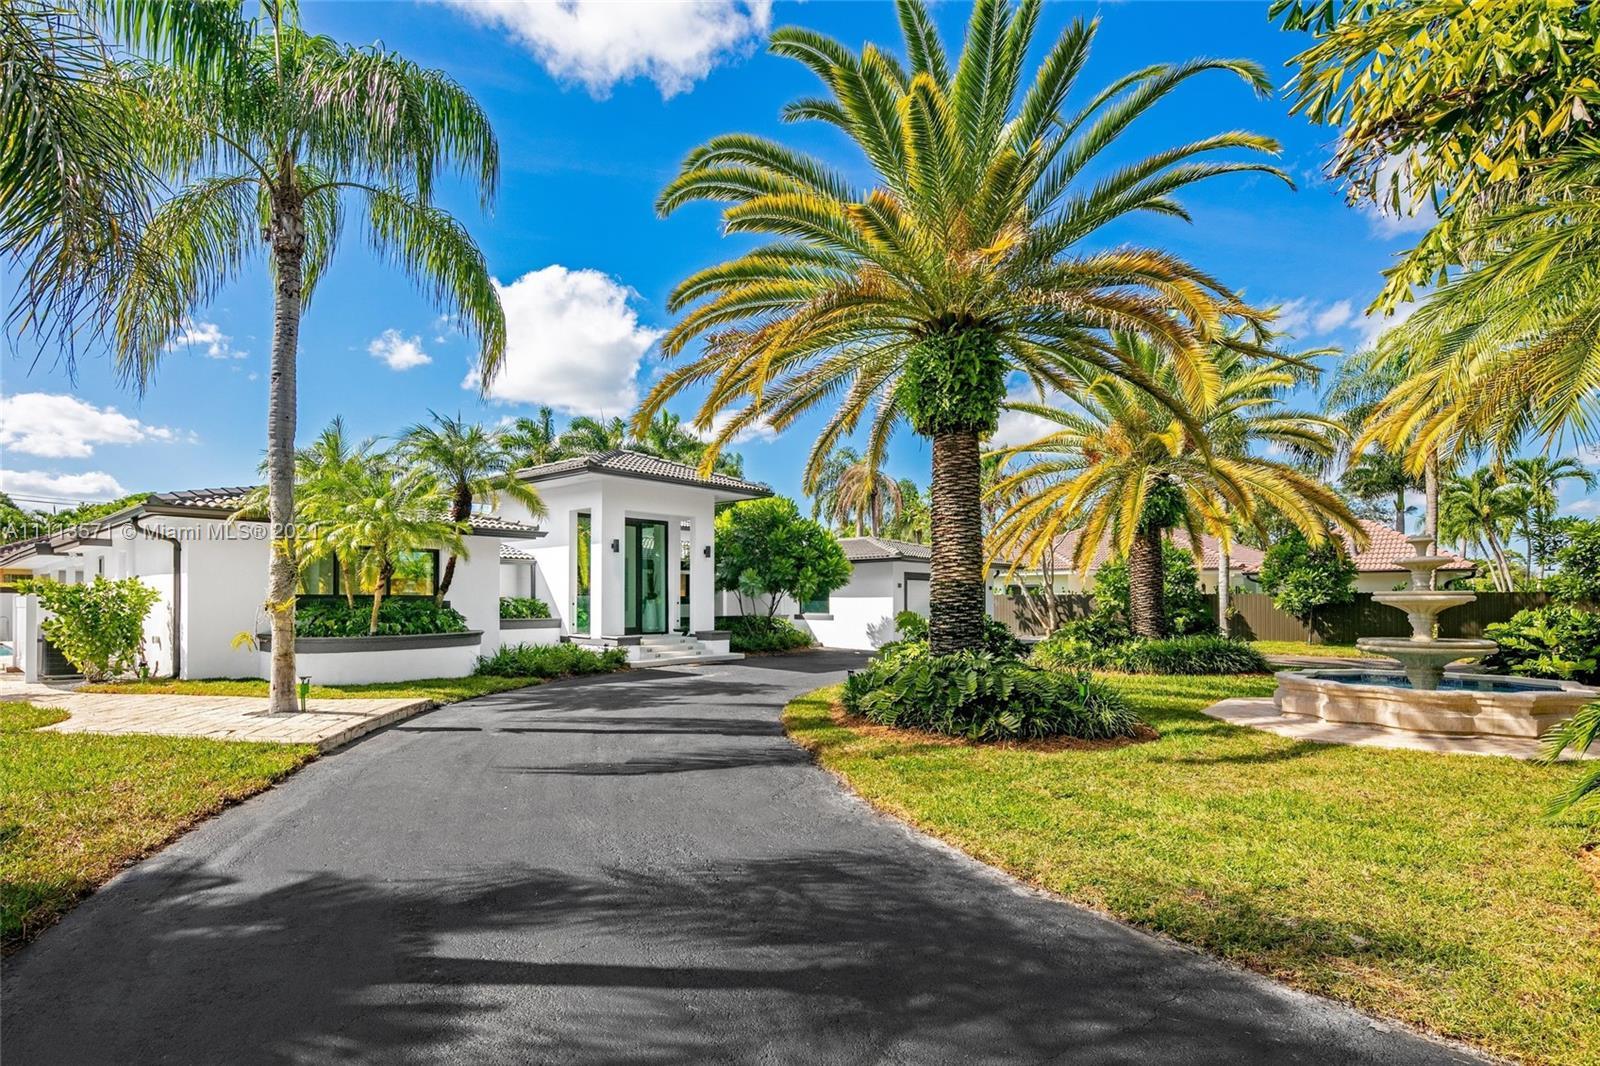 Single Family Home For Sale SALVADOR ESTATES3,518 Sqft